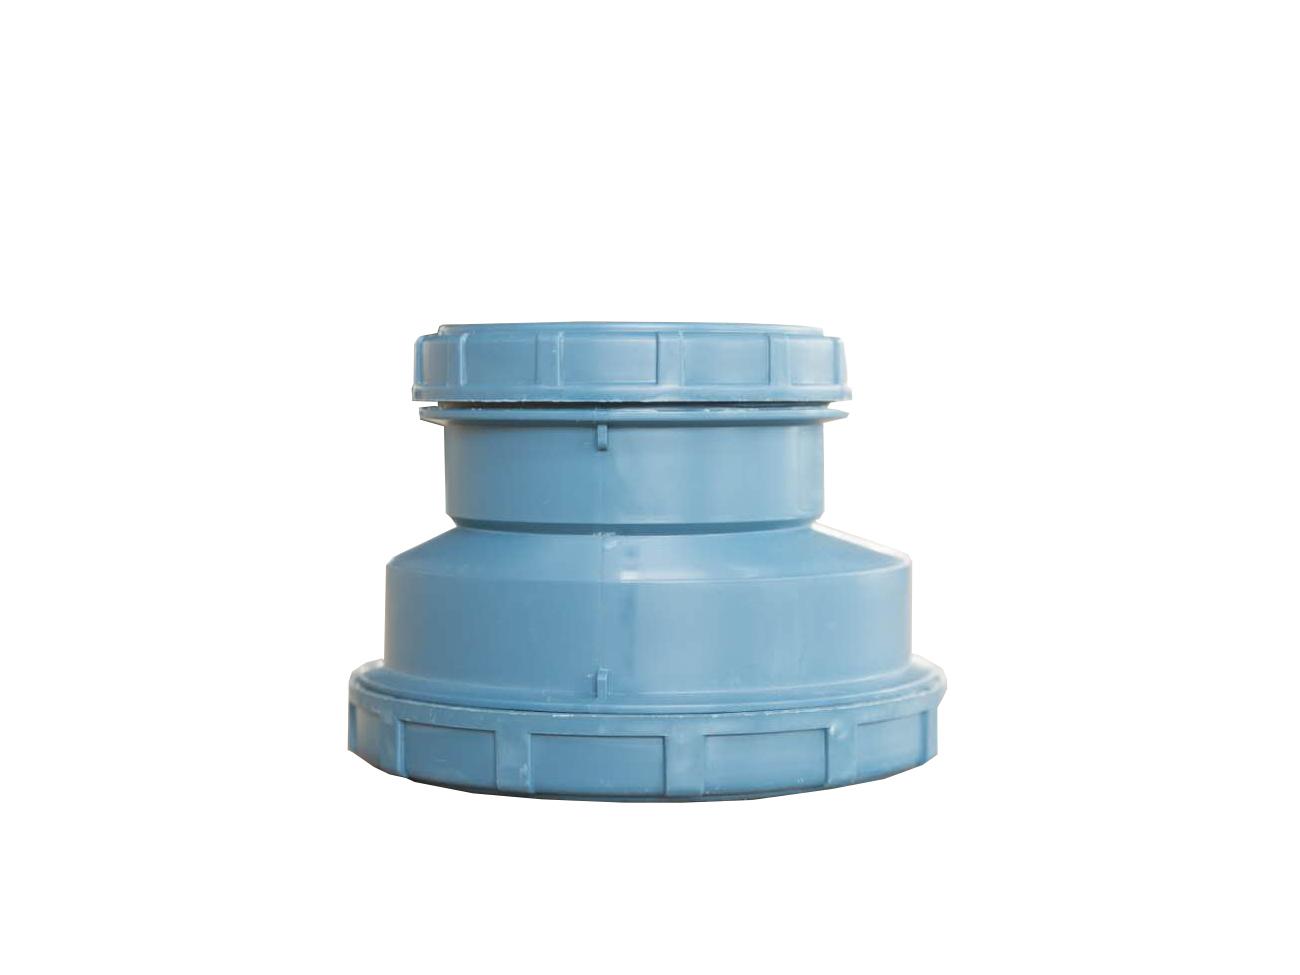 许昌专业的聚丙烯排水管厂家 贵州聚丙烯排水管生产厂家